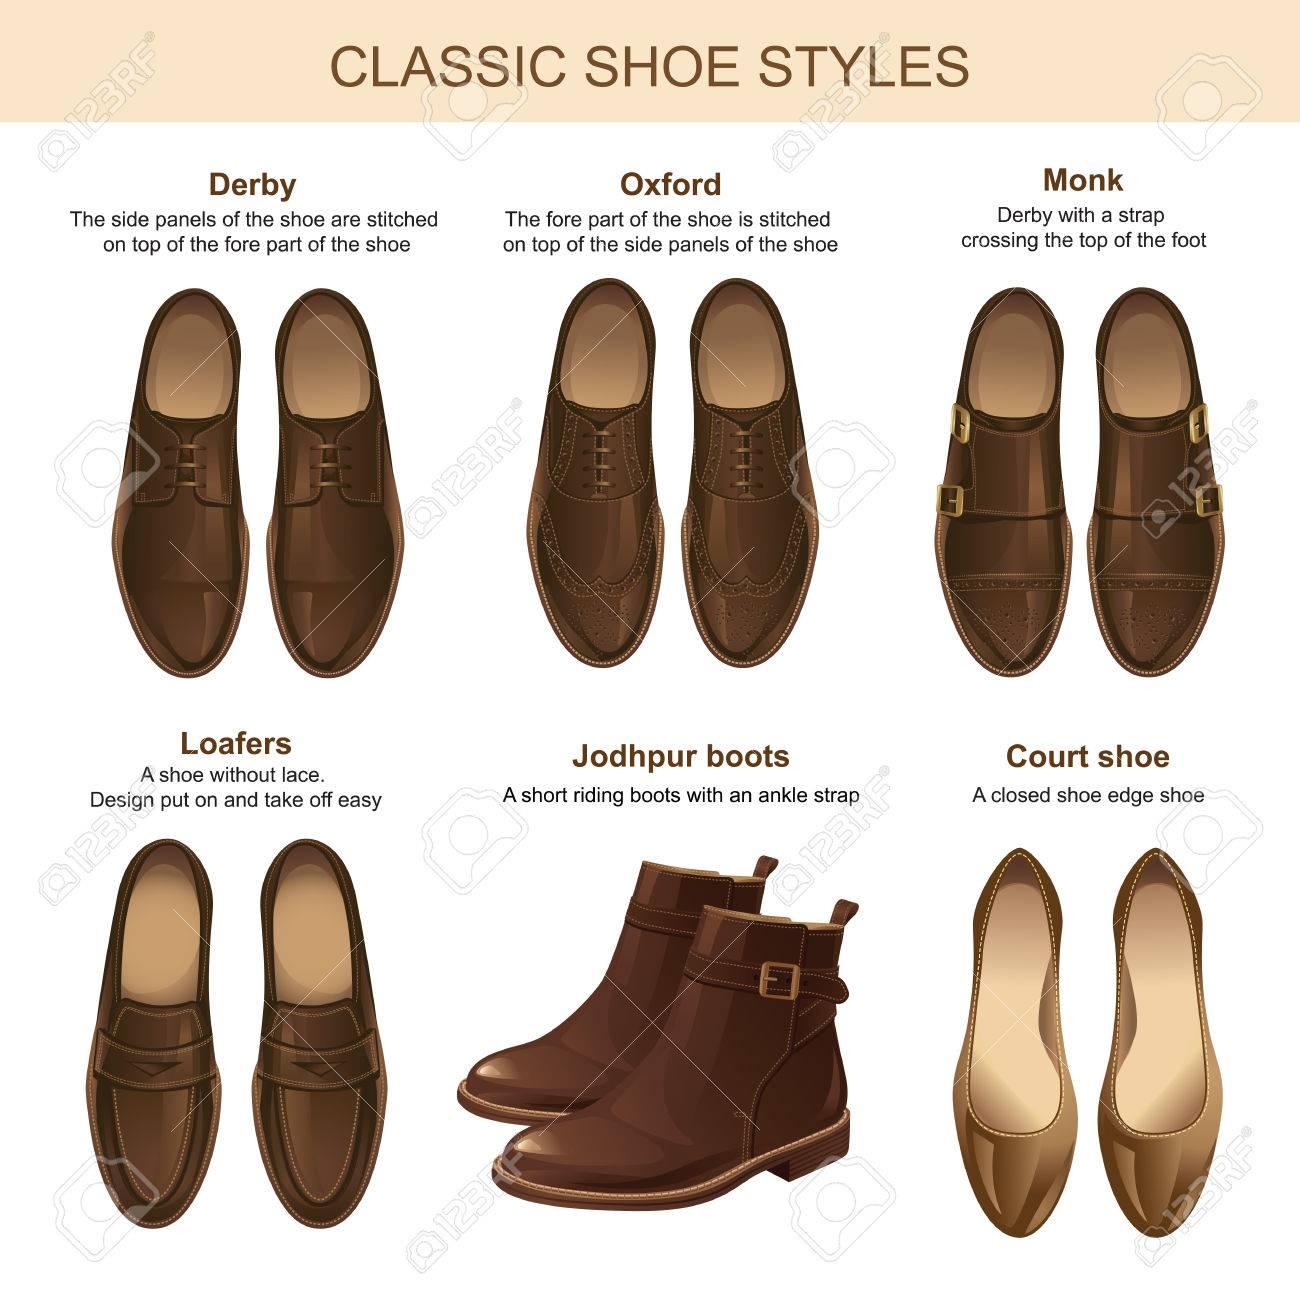 889ceb3fe9816 Estilo de zapato clásico. Conjunto de zapatos marrones de cuero del hombre  y la mujer